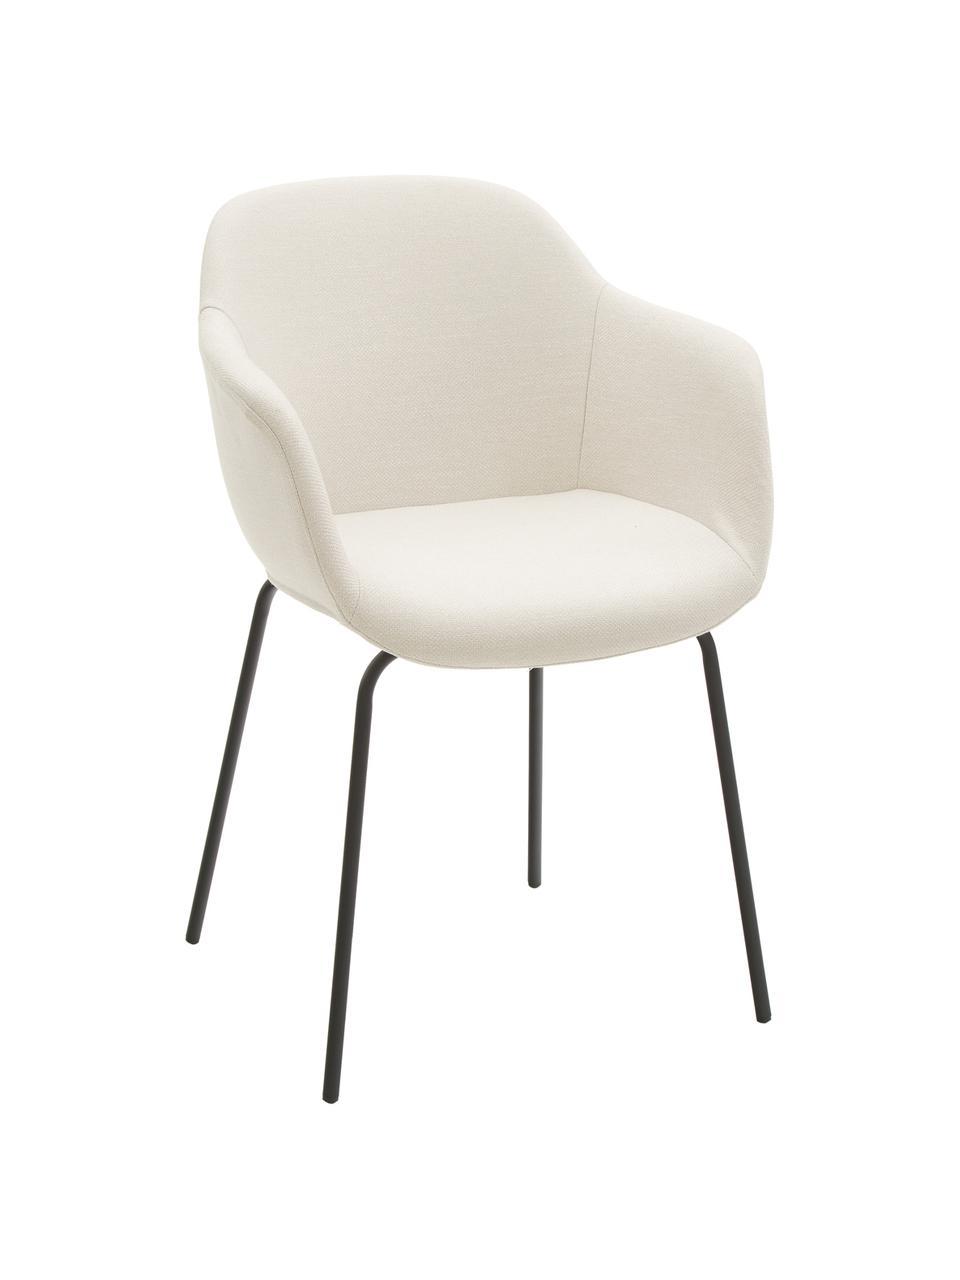 Chaise scandinave Fiji, Coque: blanc crème Pieds: noir, mat